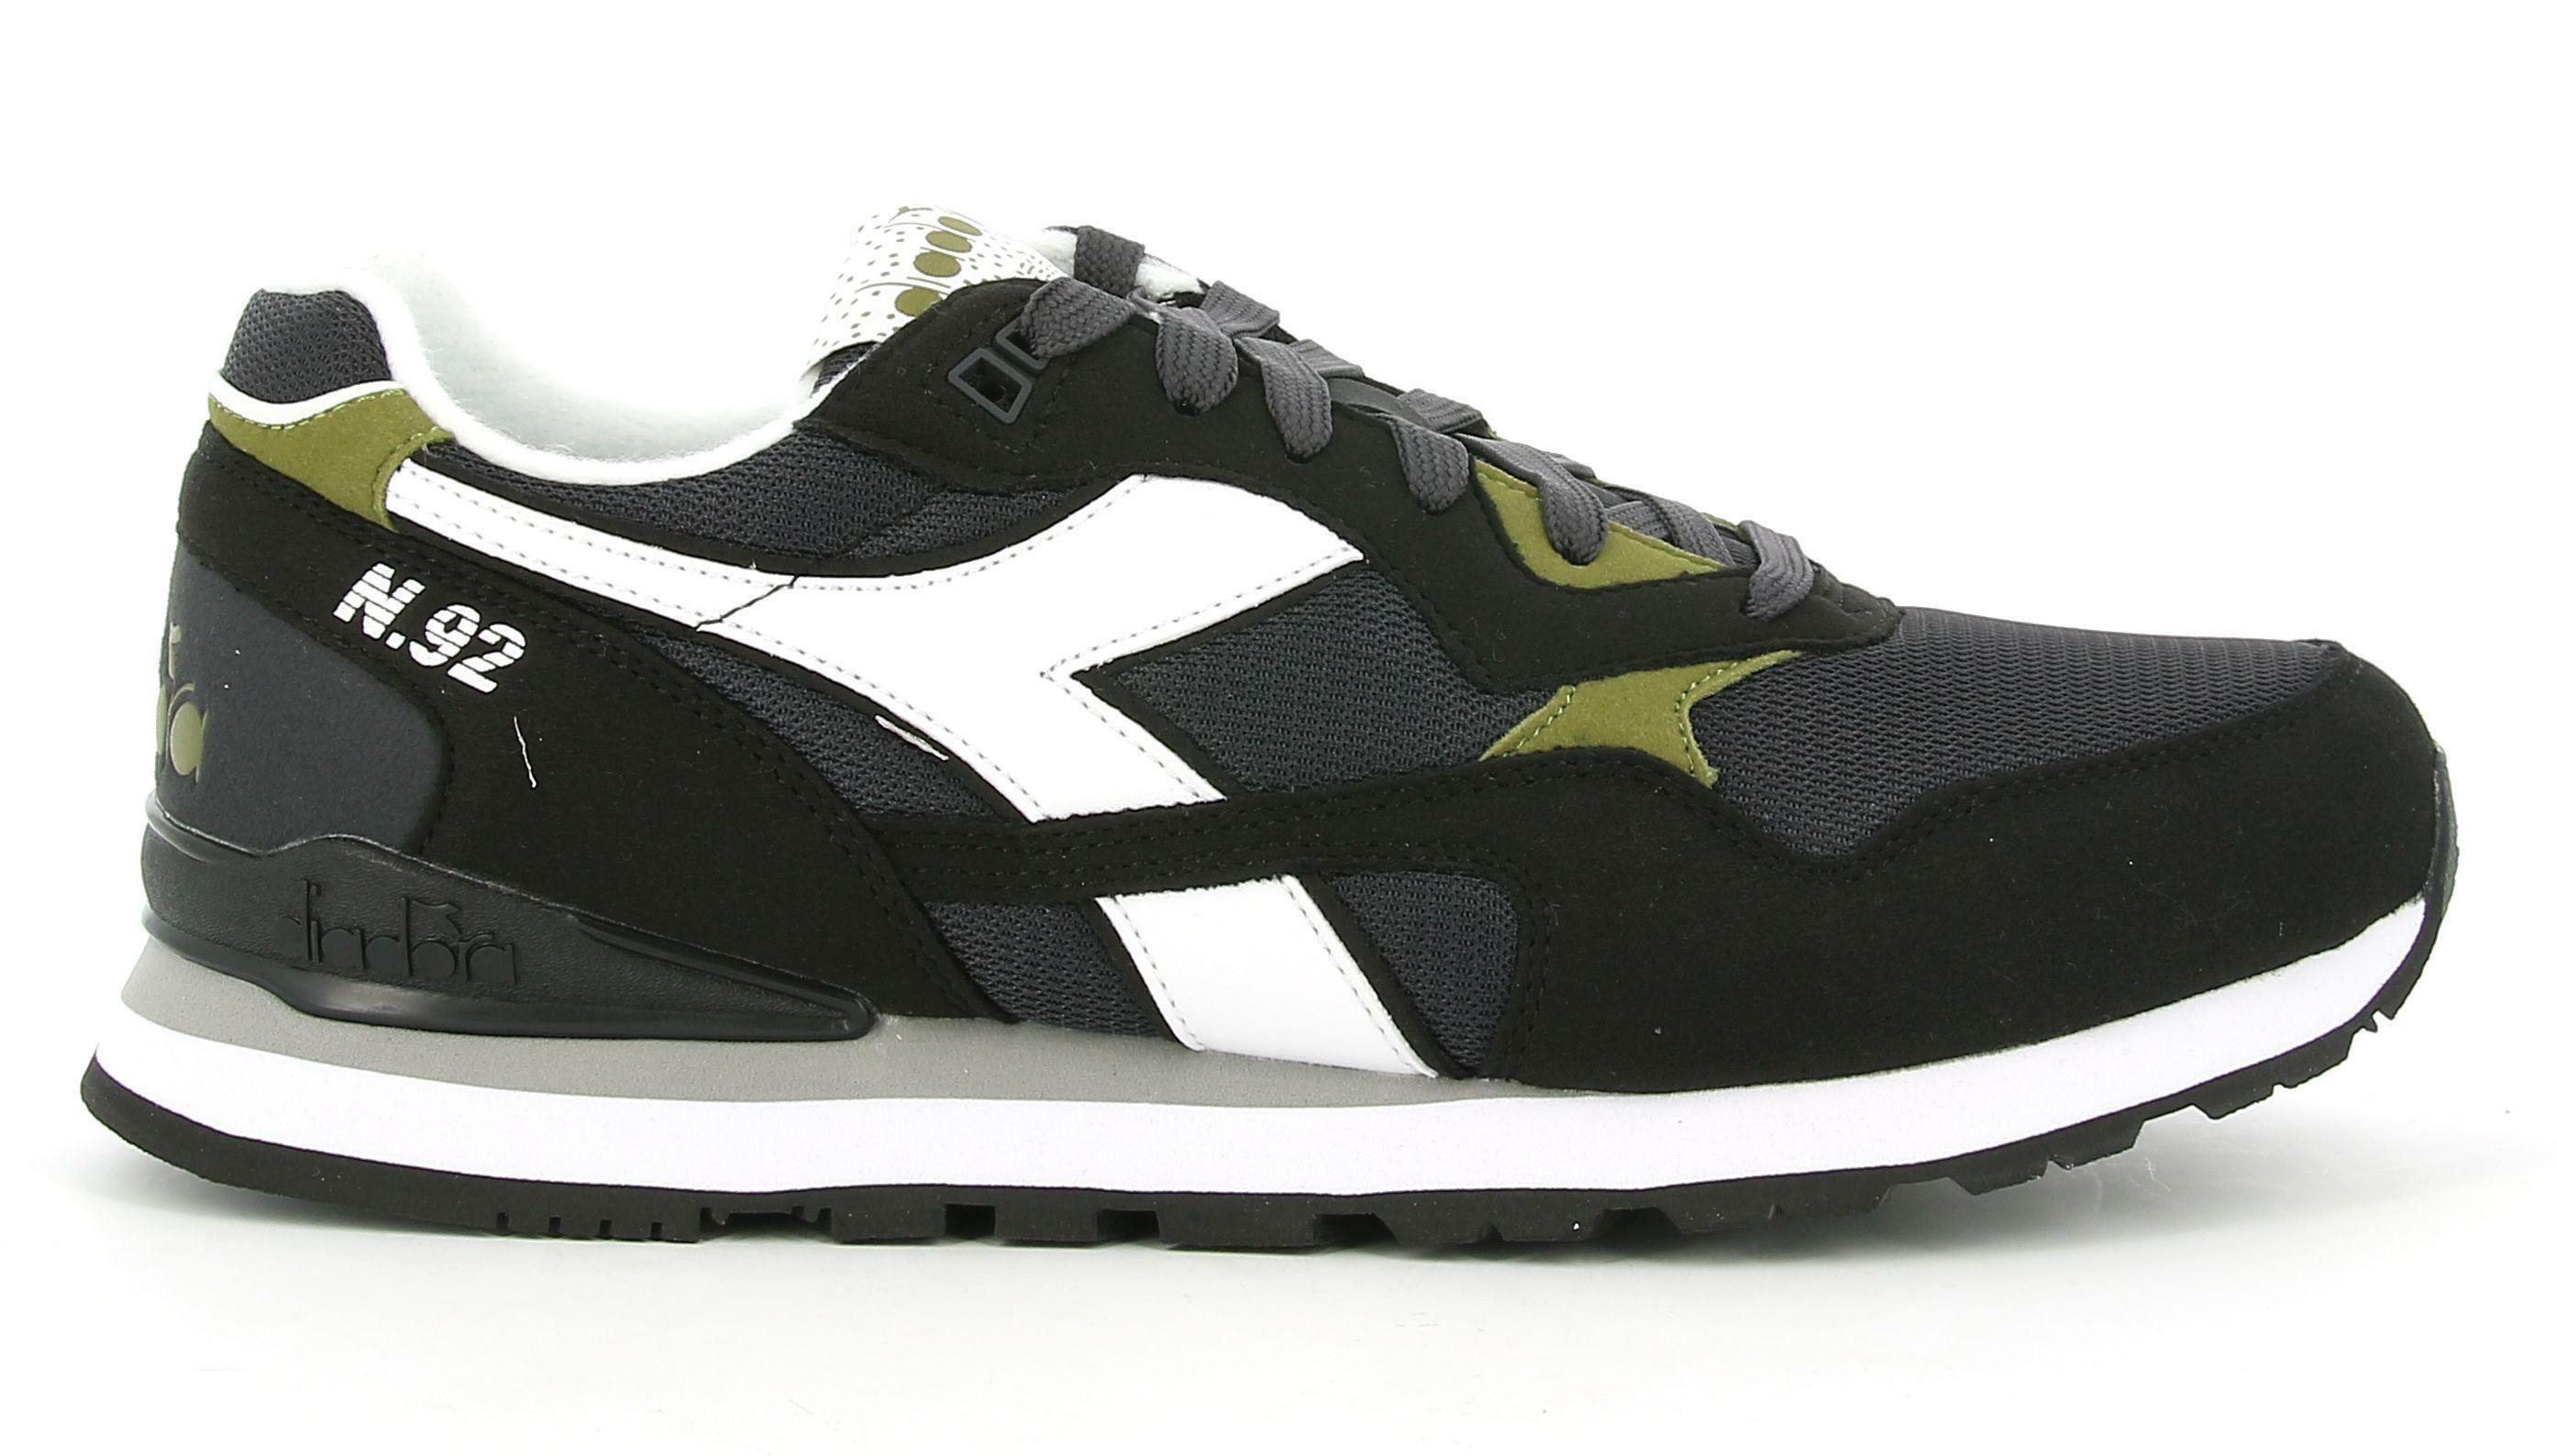 diadora diadora - sneakers n.92 per uomo e donna (eu39) nero fantasma 173169  nero